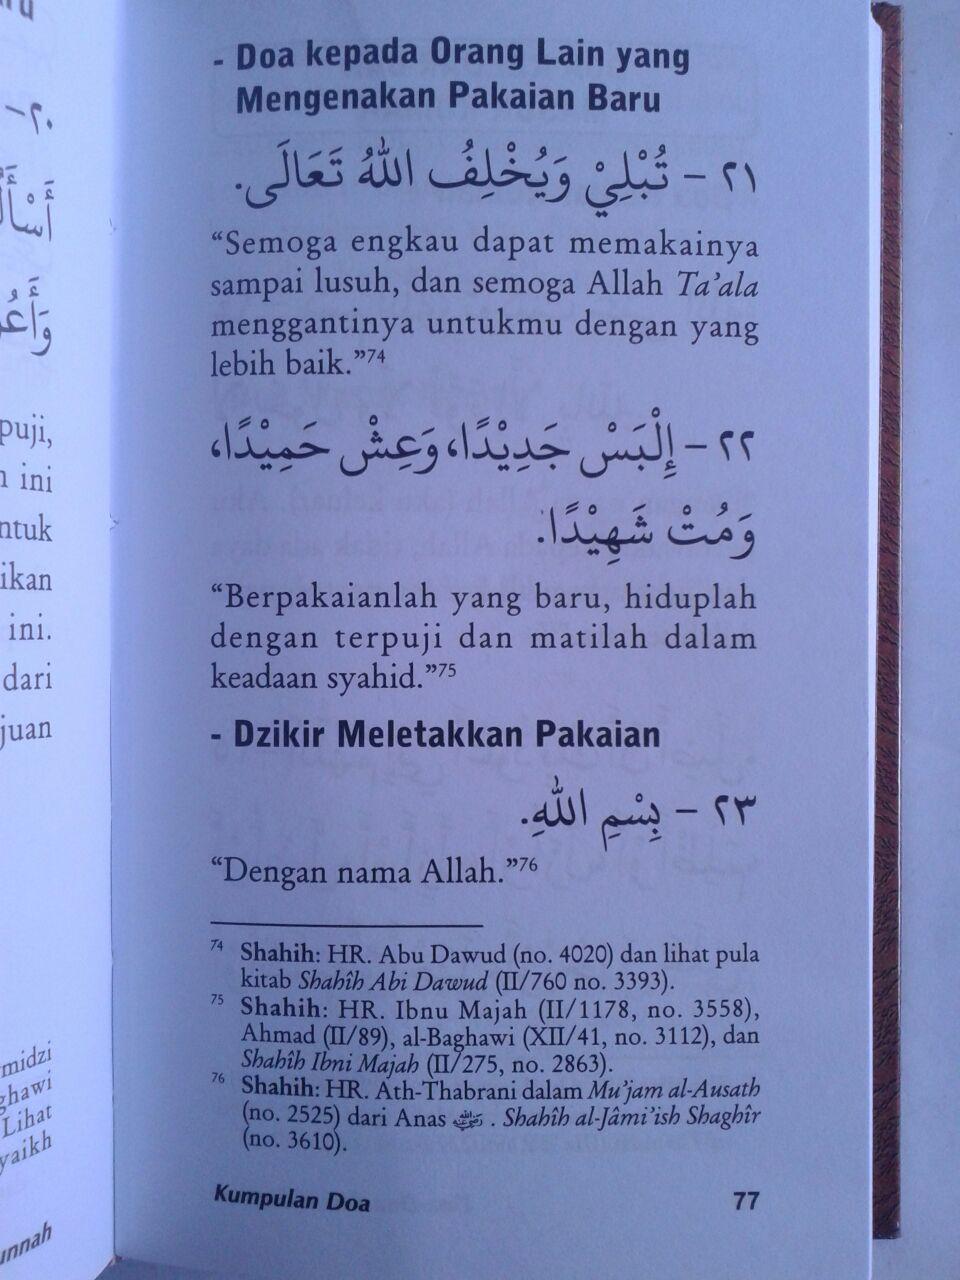 Buku Kumpulan Doa Dari Al-Quran dan As-Sunnah Yang Shahih isi 3